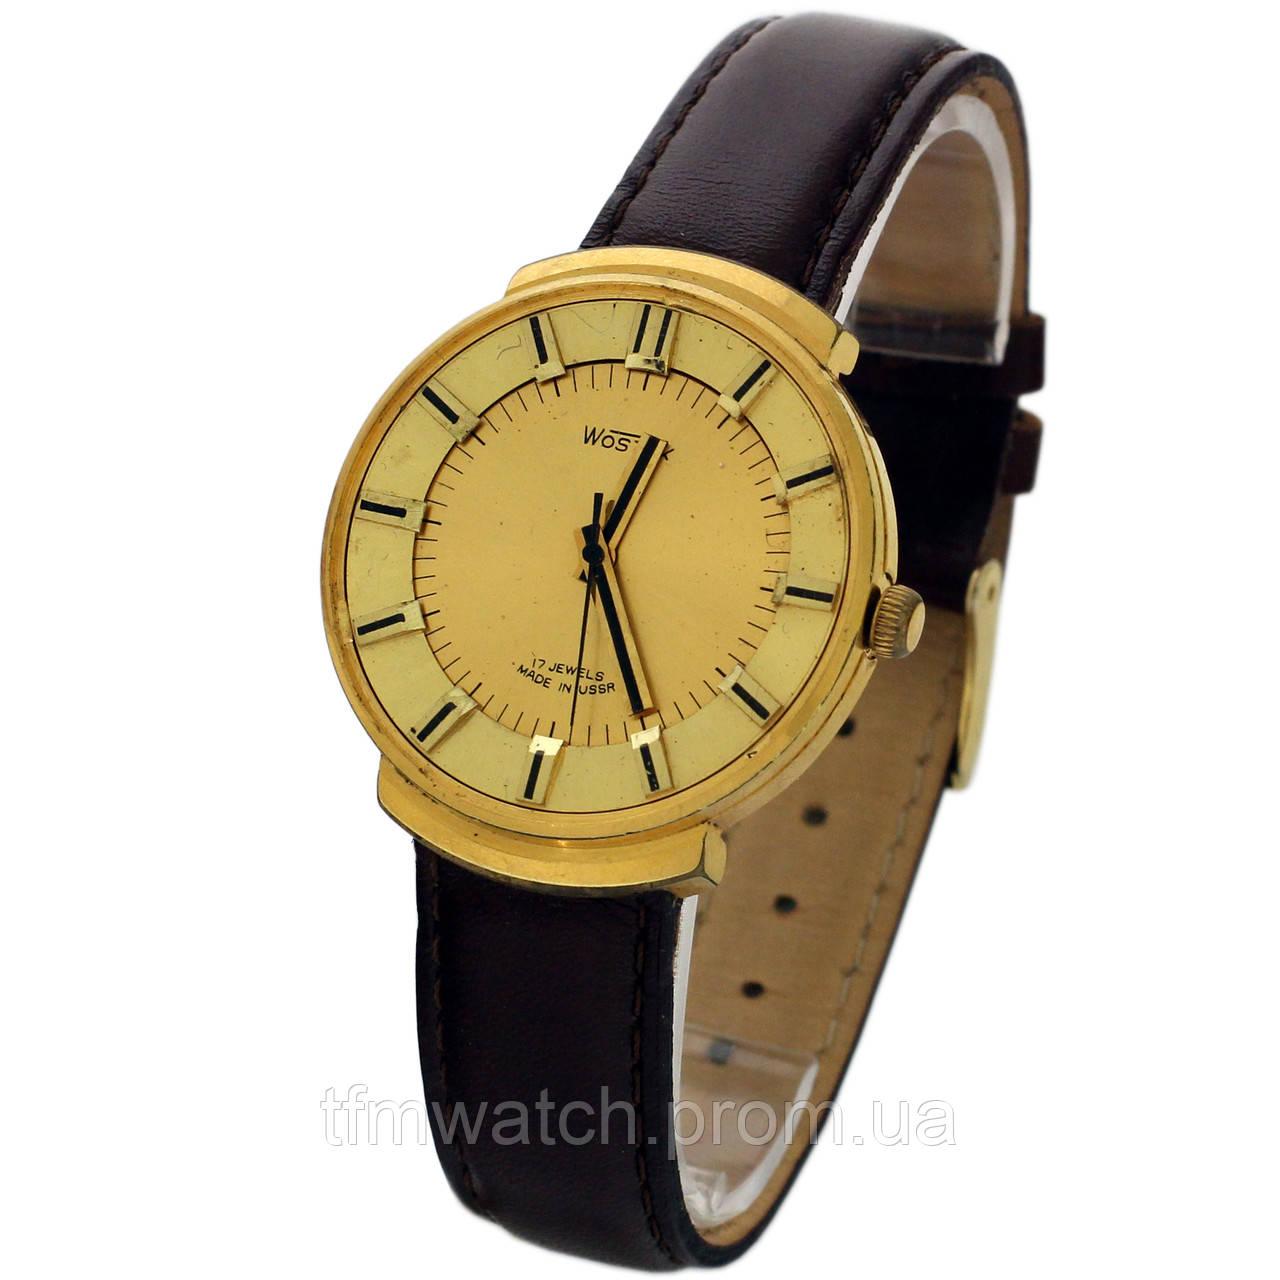 Баланс для часов восток купить наручные часы pacific